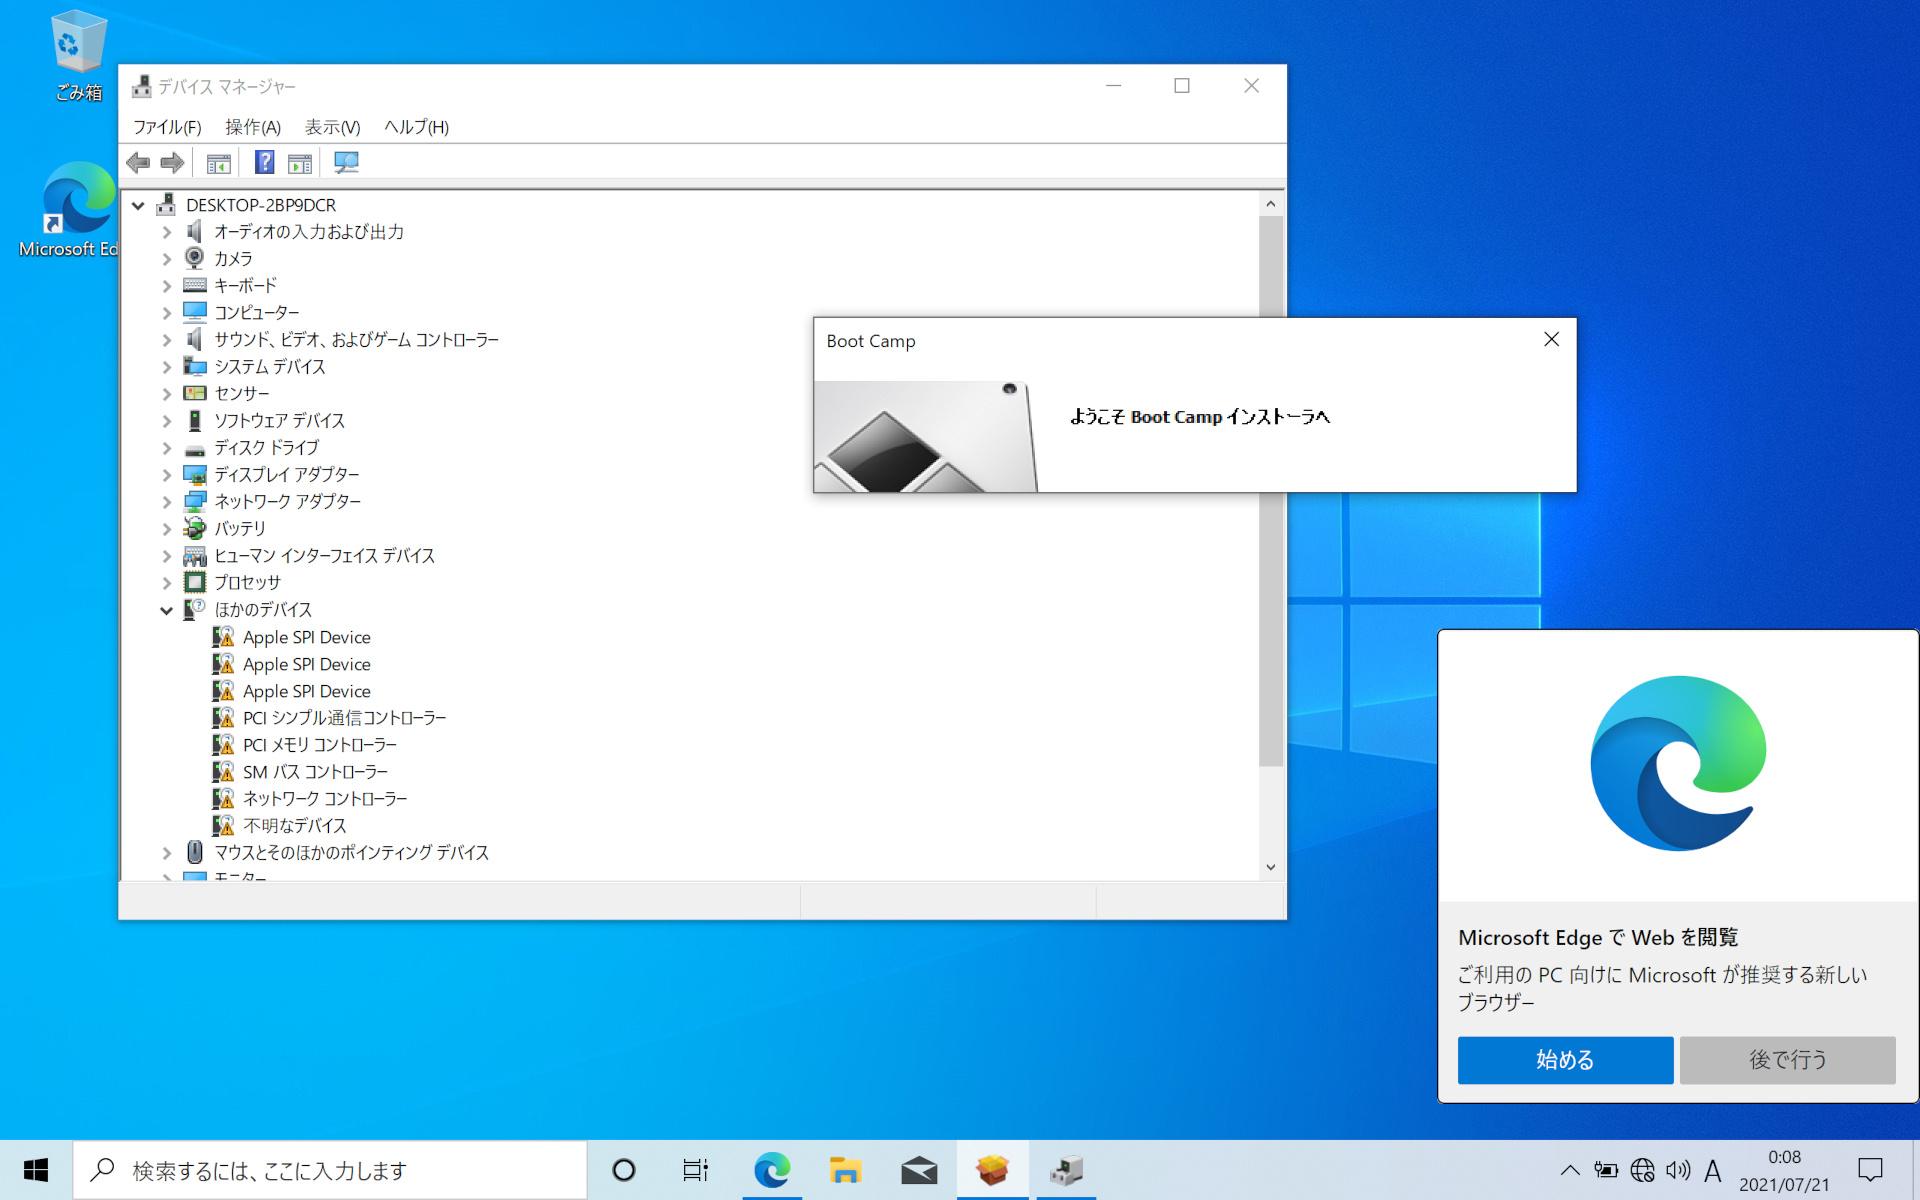 Windowsのデスクトップが立ち上がった